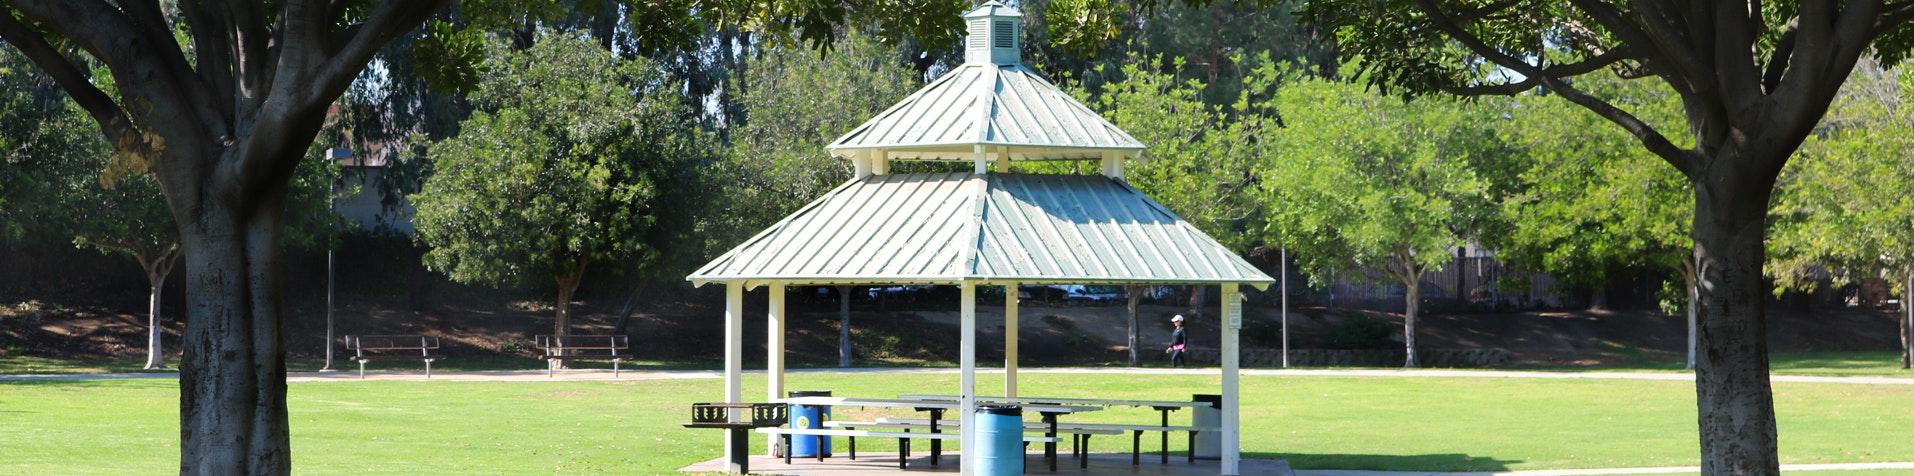 Picnic shelter at Pitts Ranch Park